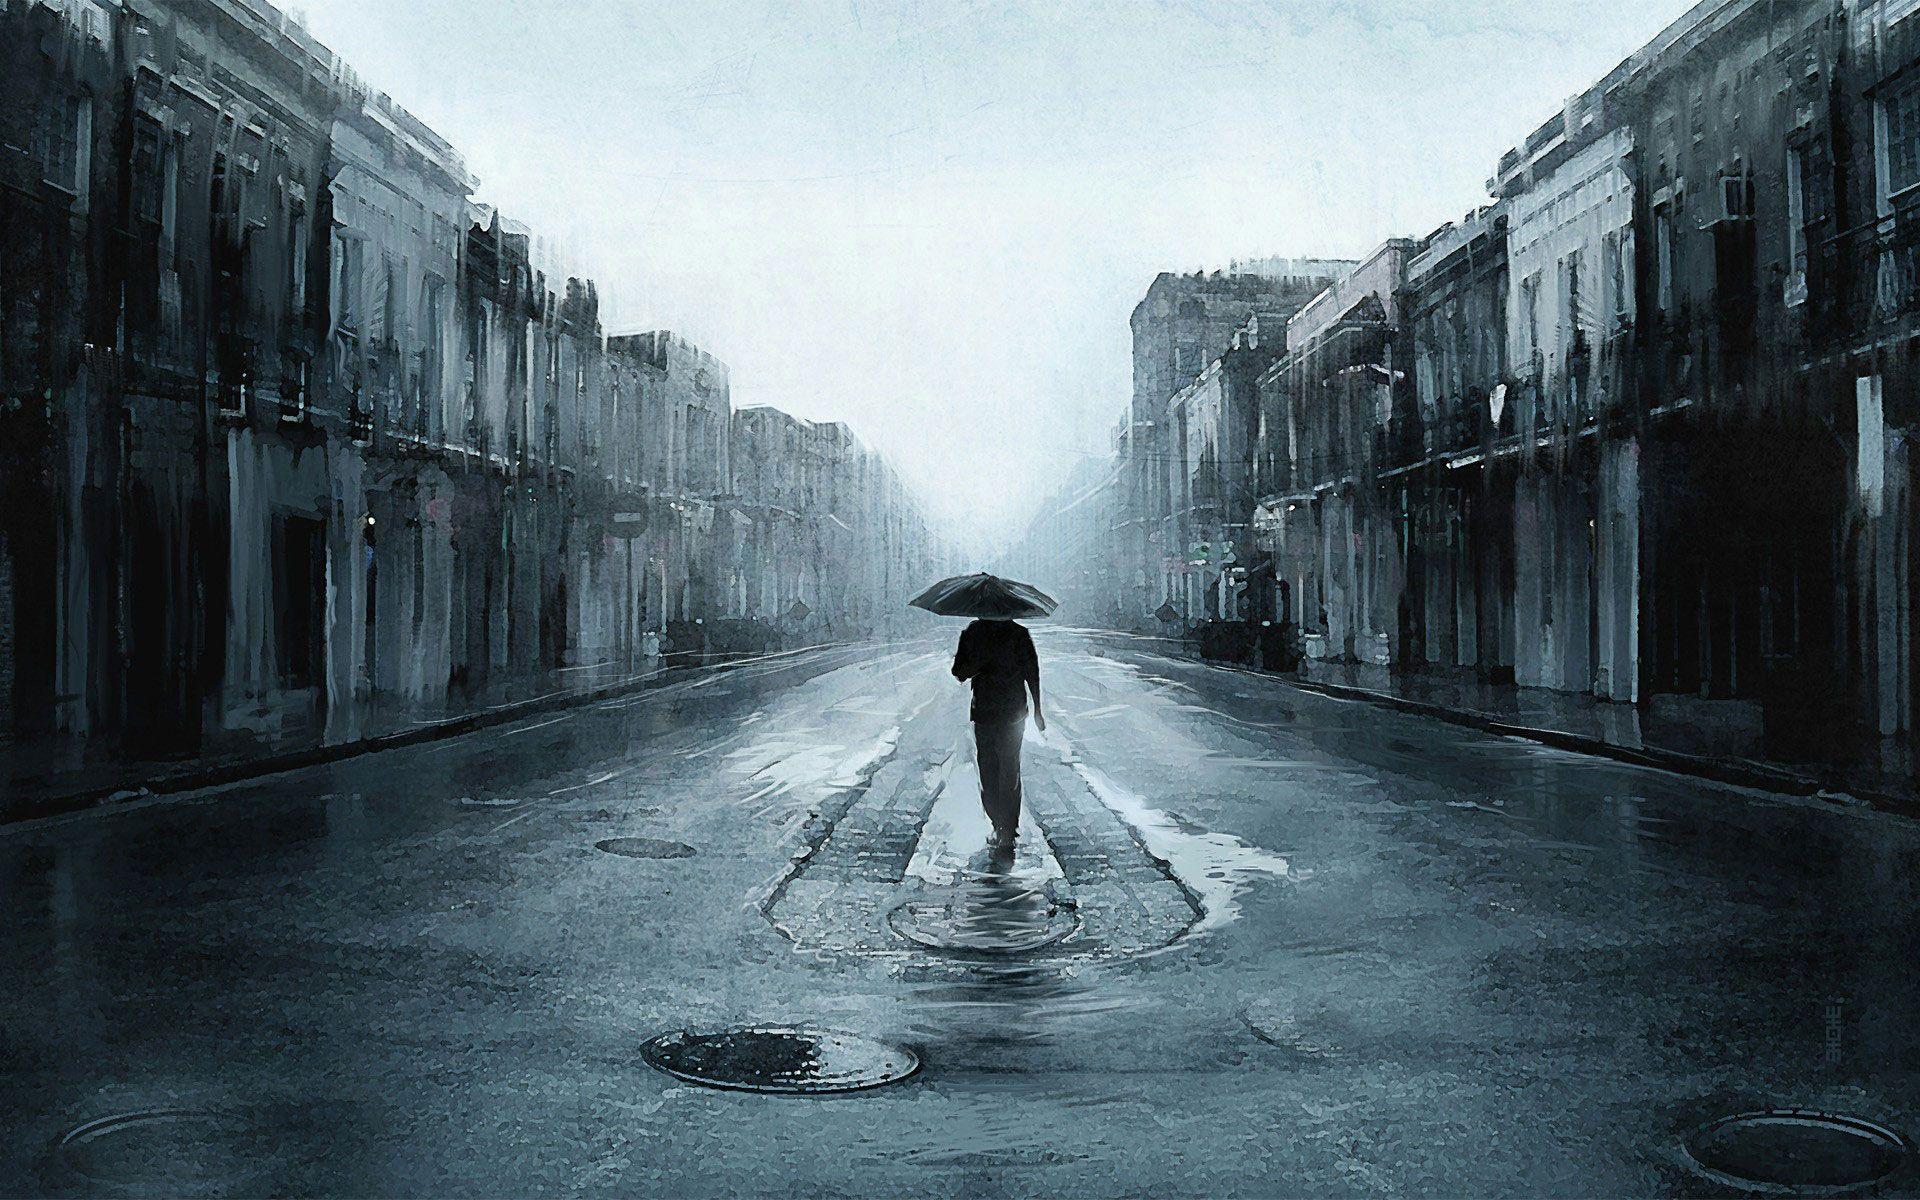 Hình nền cô đơn chỉ mình tôi đi trên phố mưa vắng